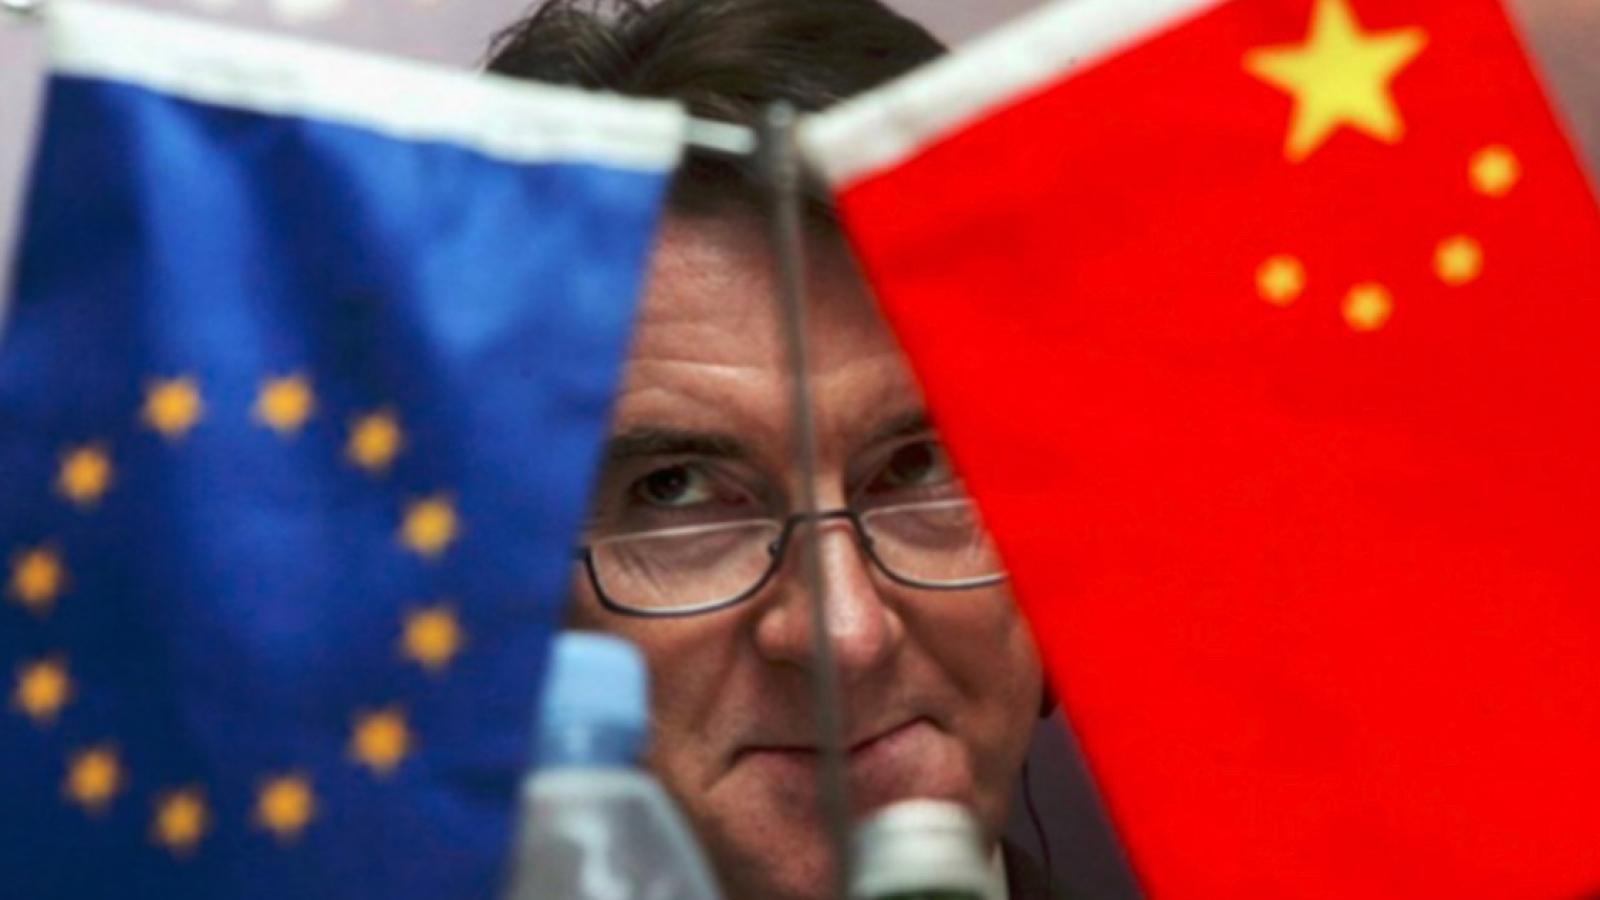 Tâm lý chống Trung Quốc ở châu Âu lên đến mức nào?